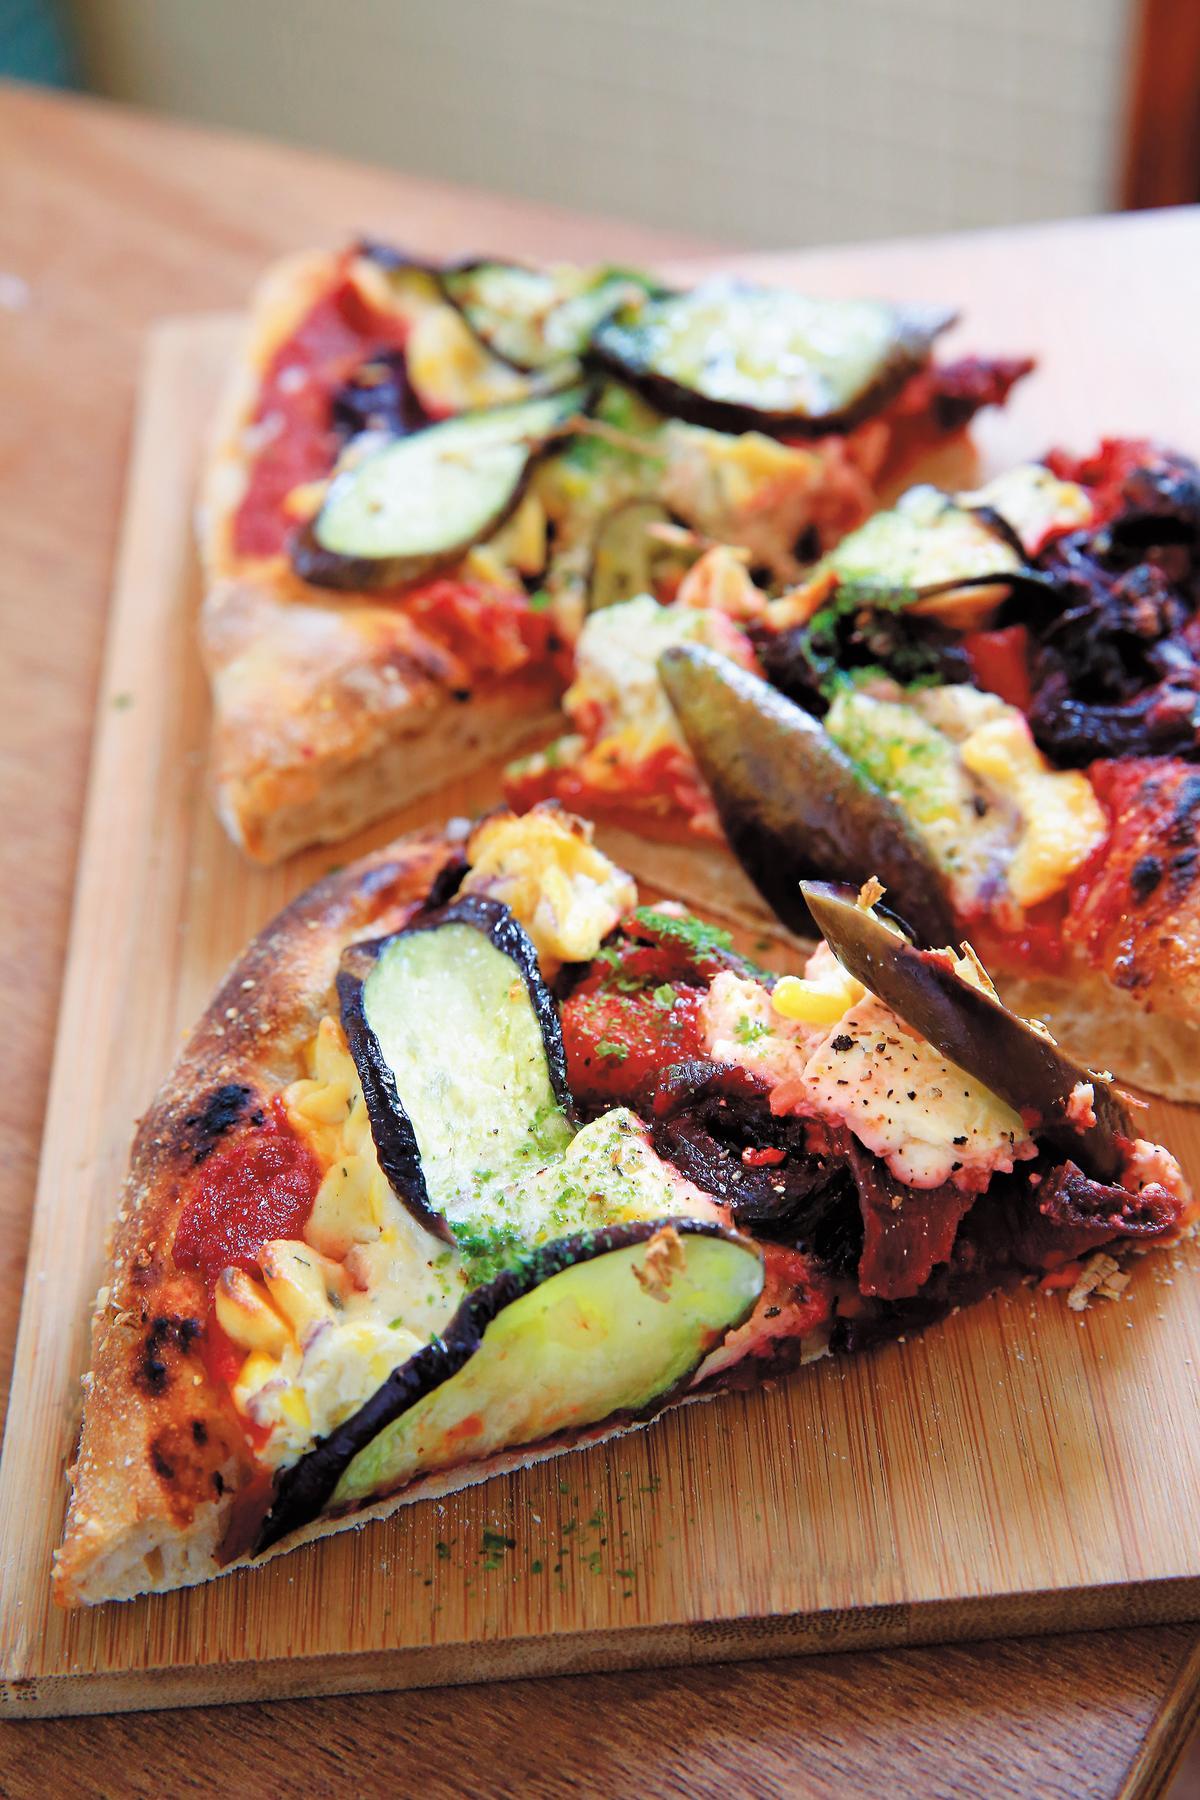 主食是茄子、番茄、甜菜根與乳酪烤成的蔬食披薩。